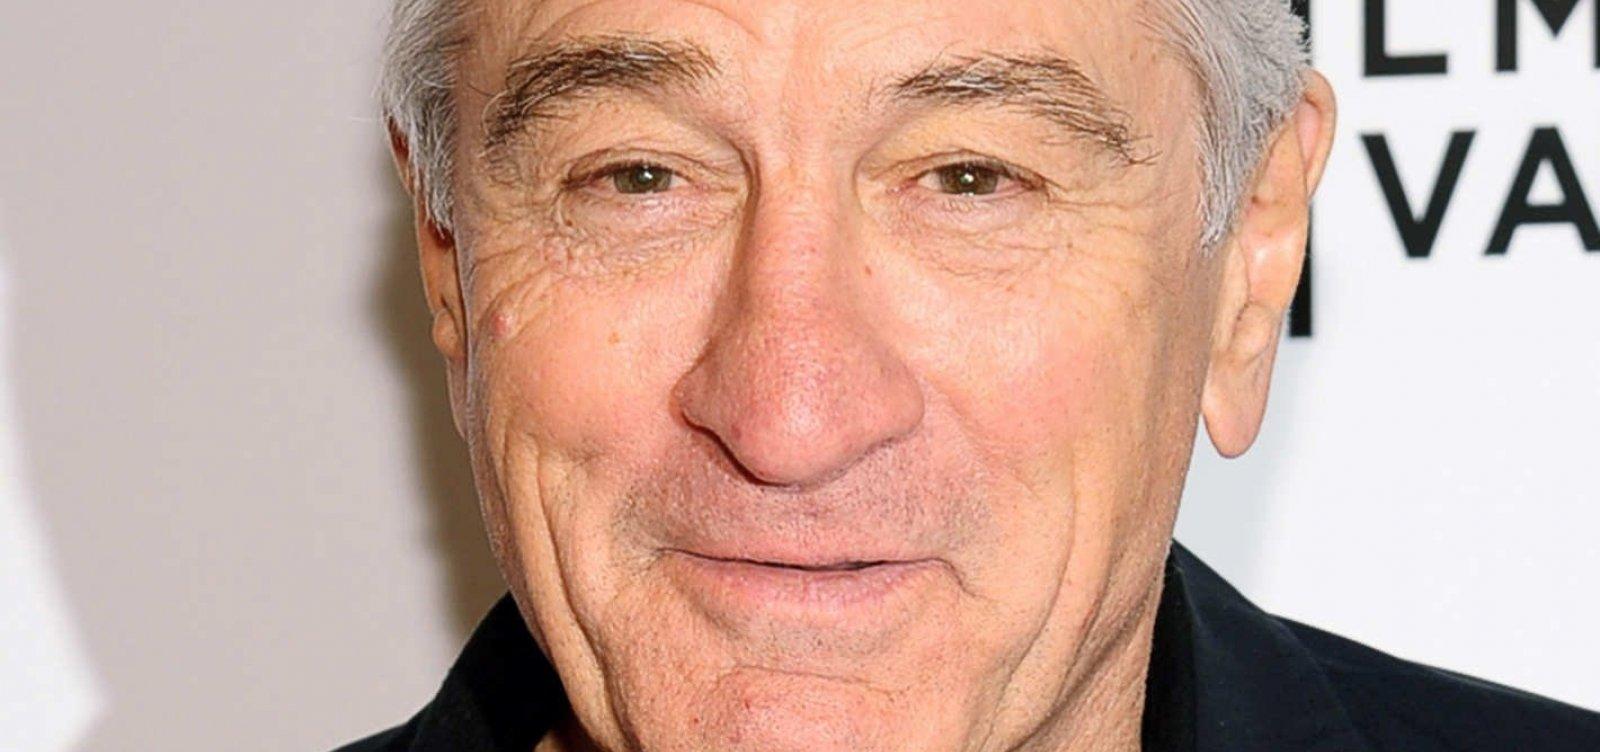 Pacote suspeito é enviado a Robert De Niro e políticos norte-americanos